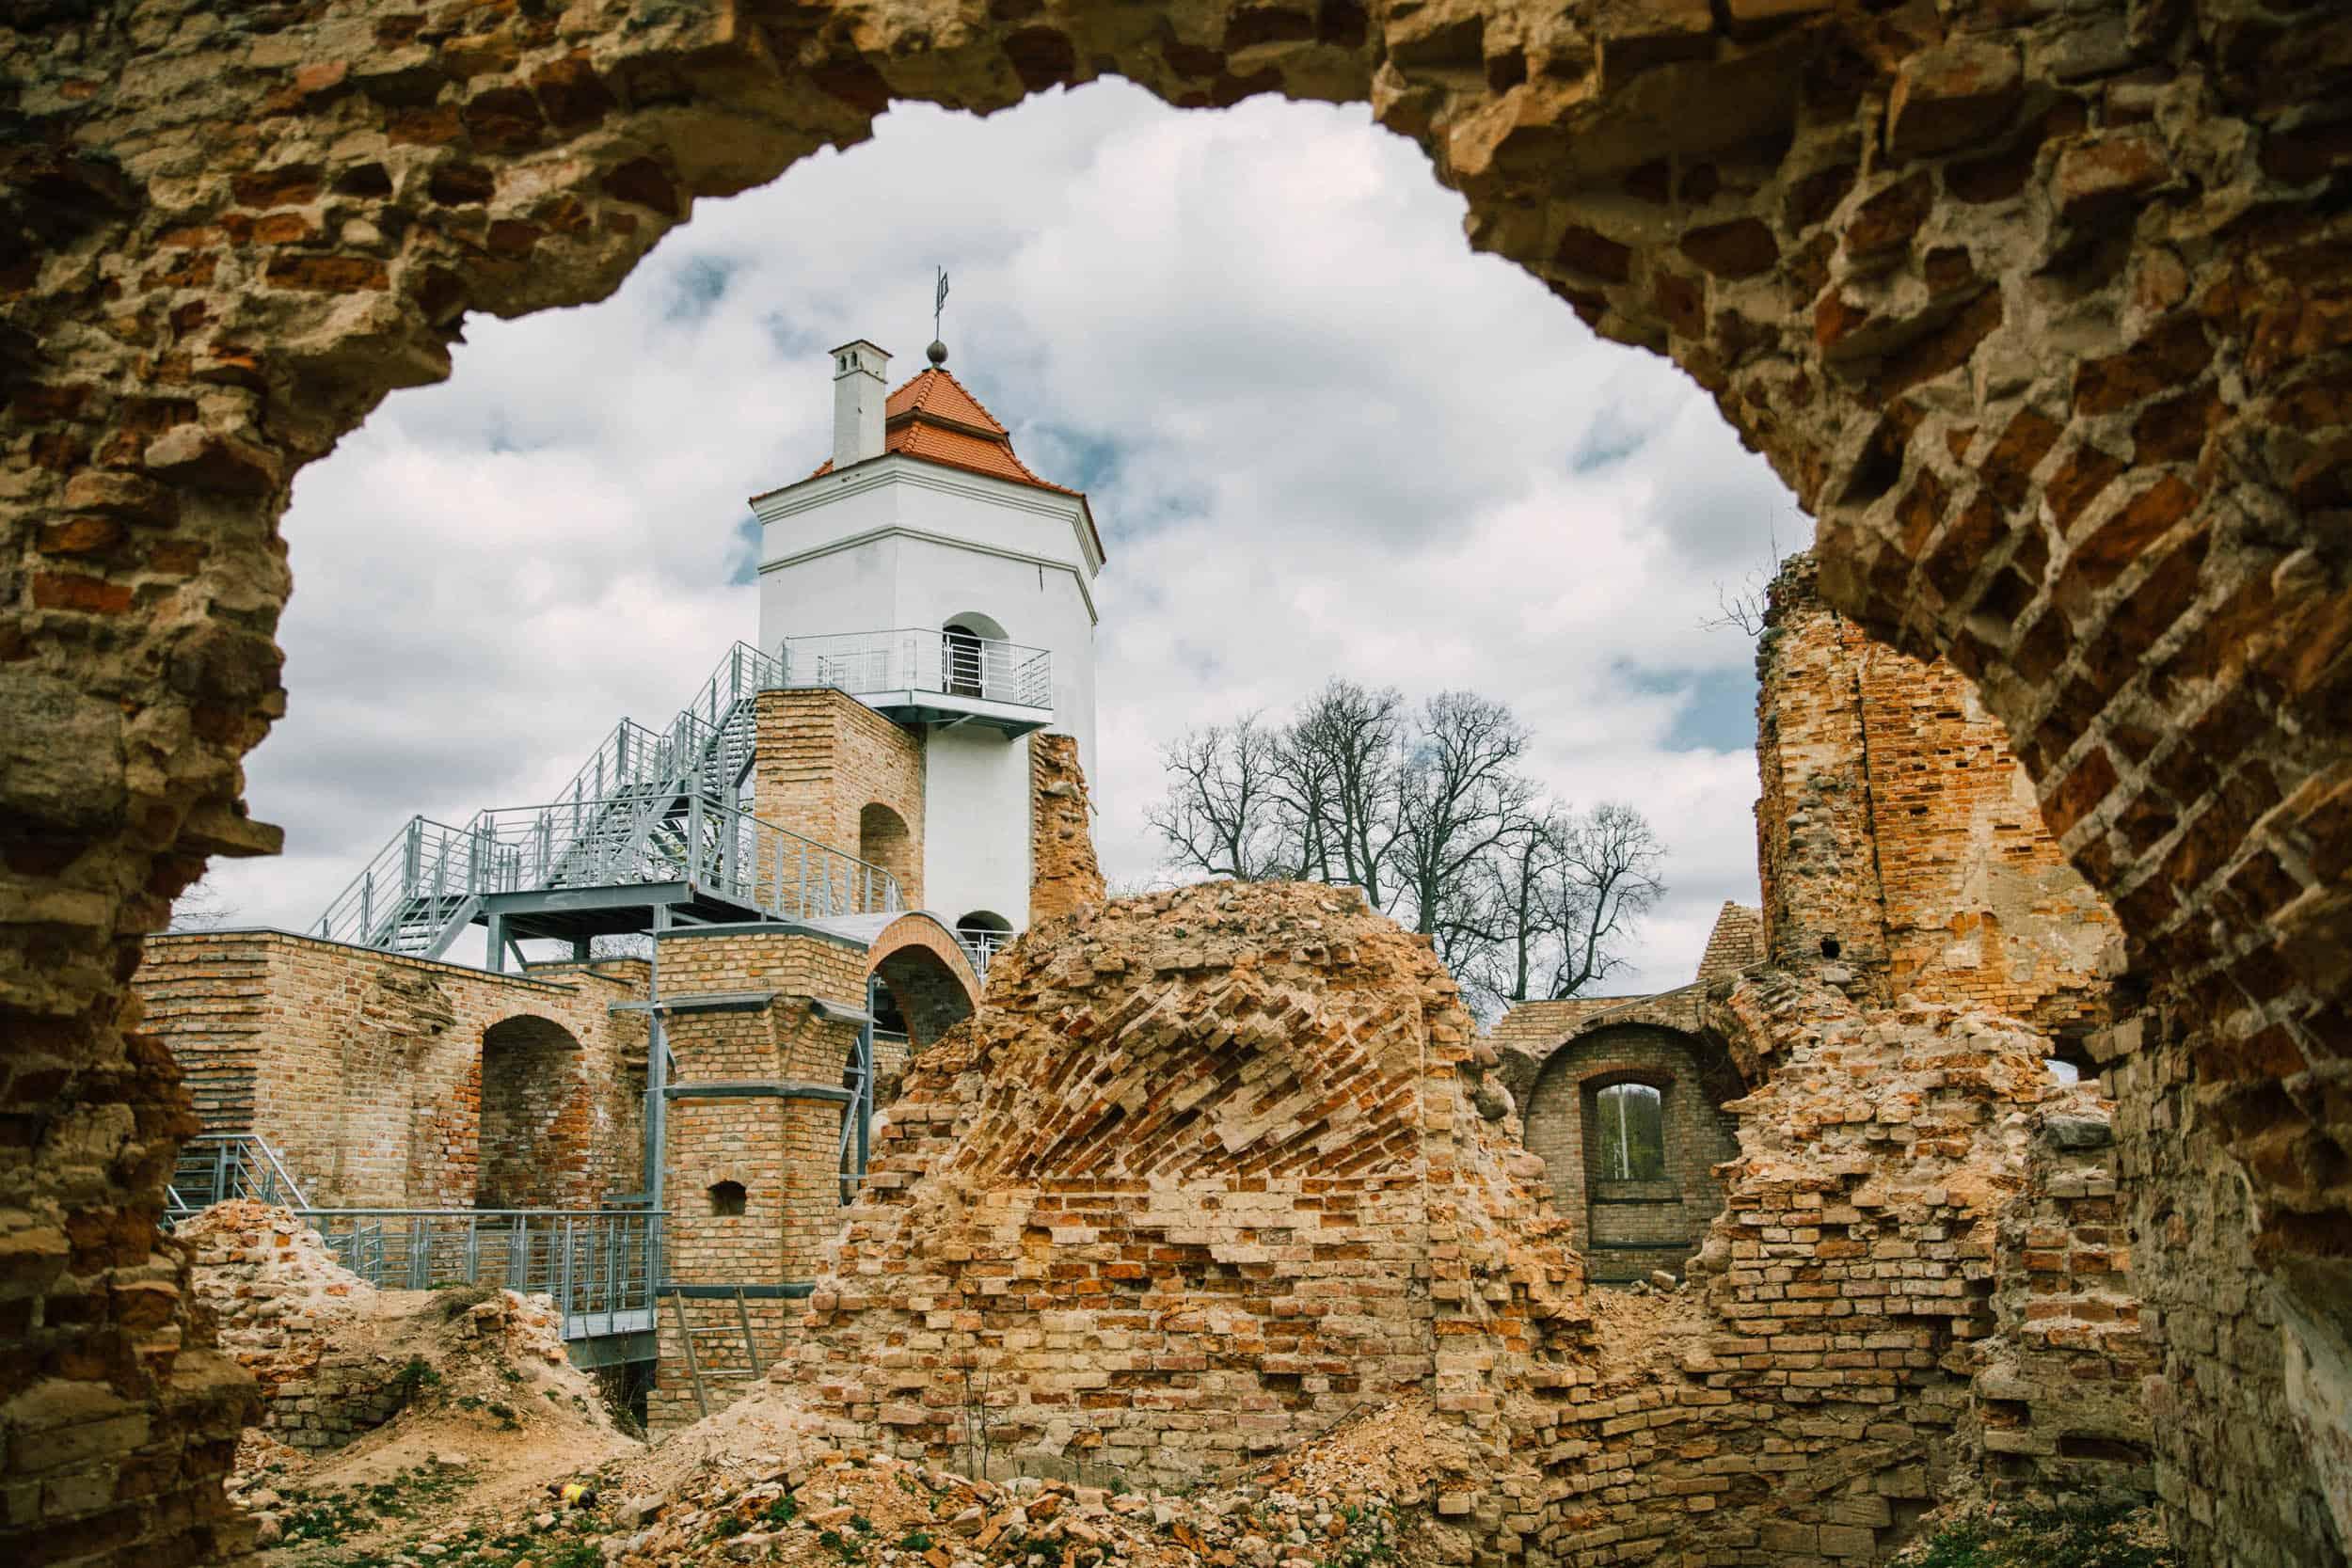 Лоббирование вопроса о сохранности объектов культурно-исторического наследия